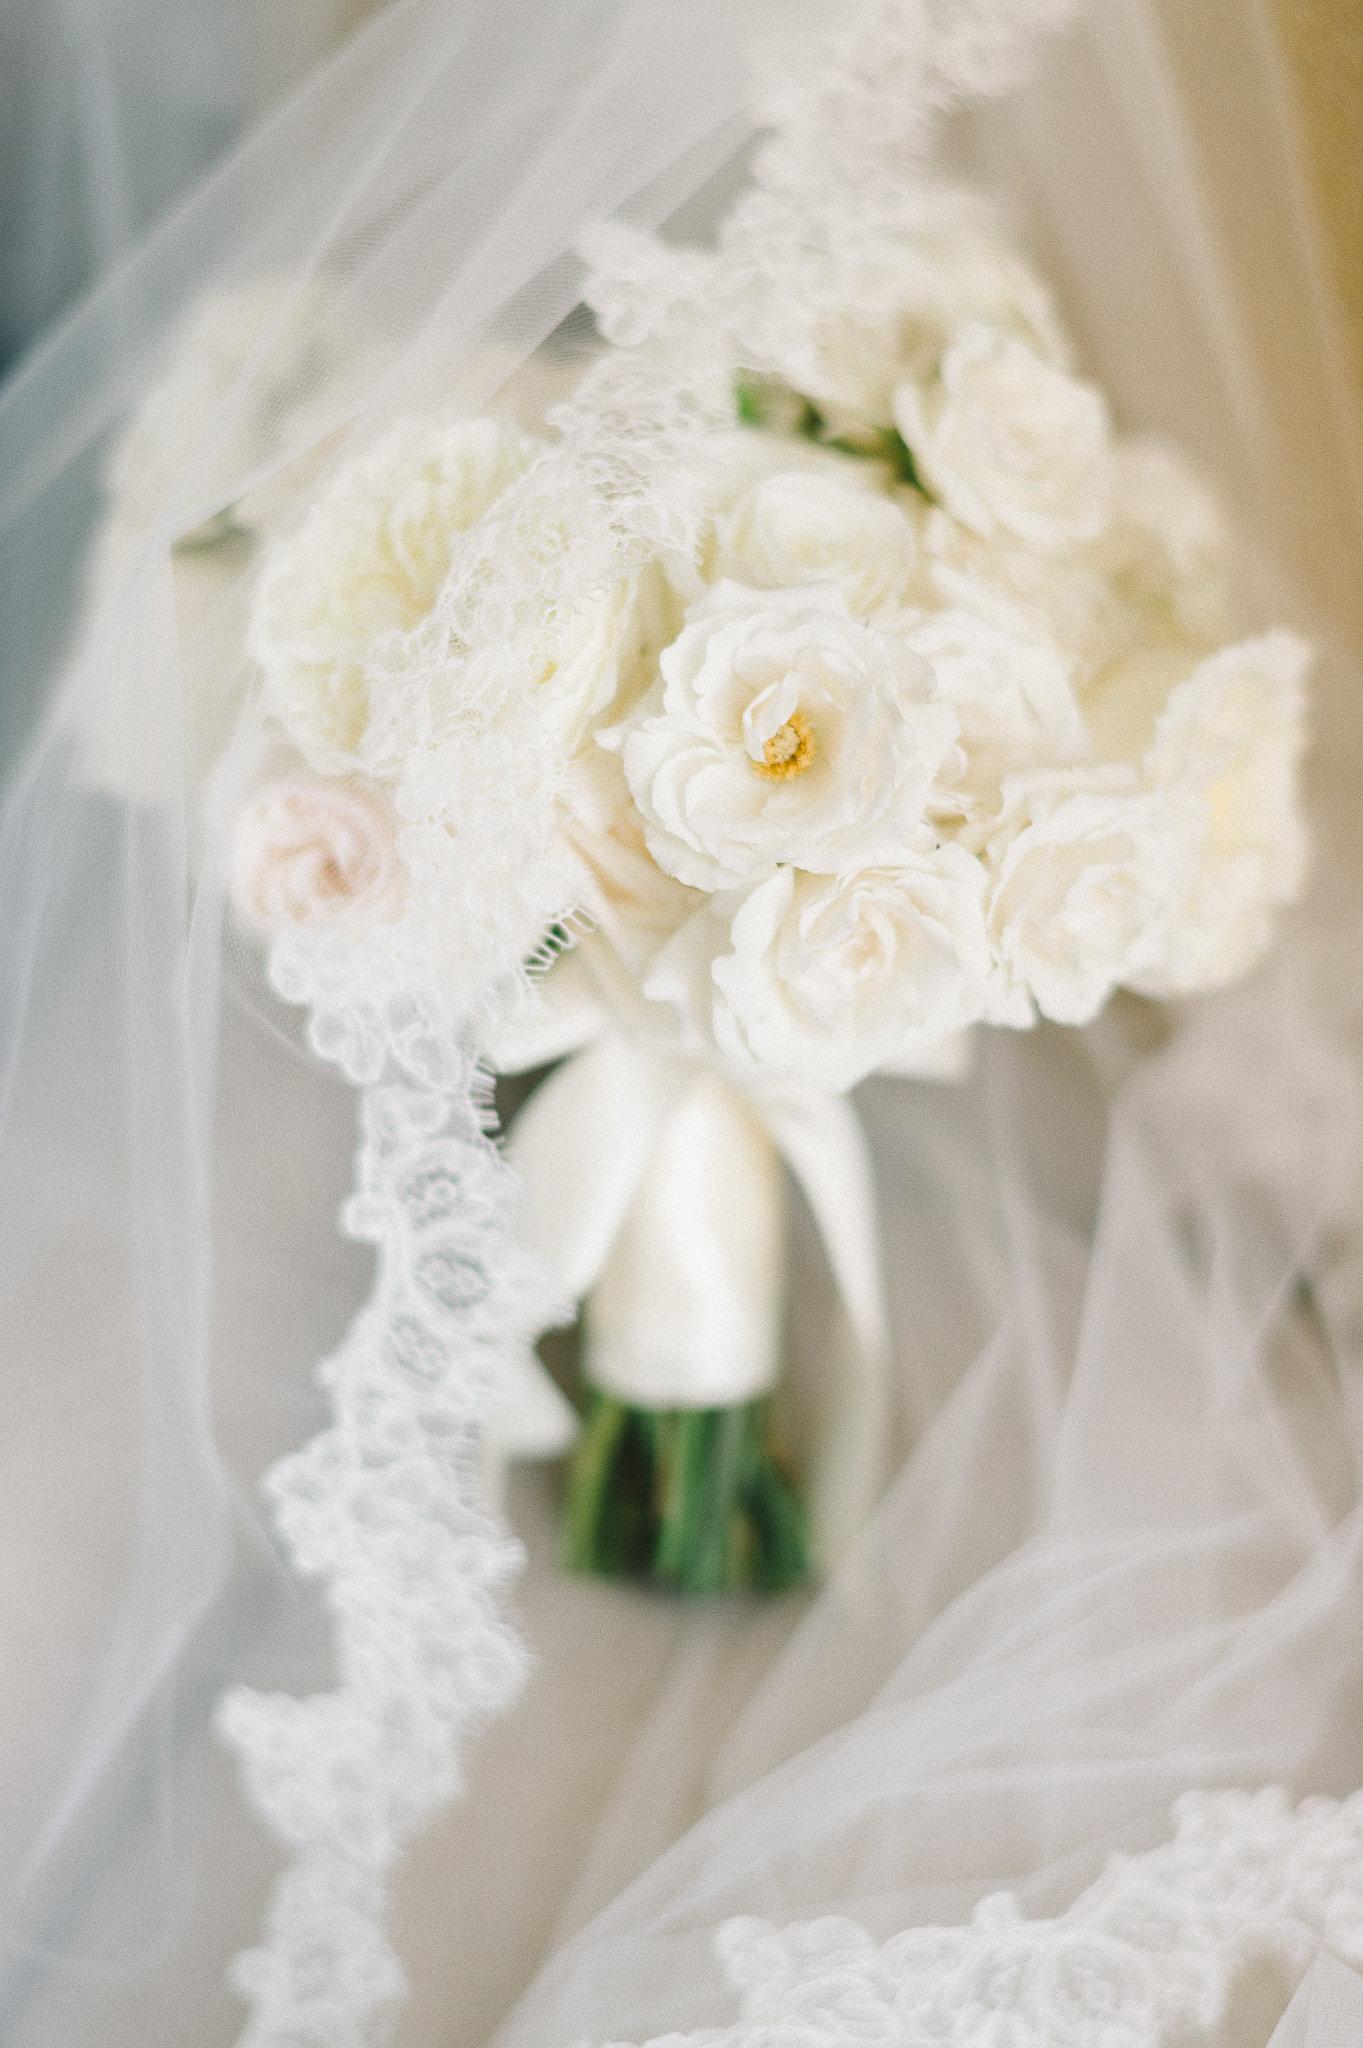 Elizabeth-Fogarty-Wedding-Photography-37.jpg